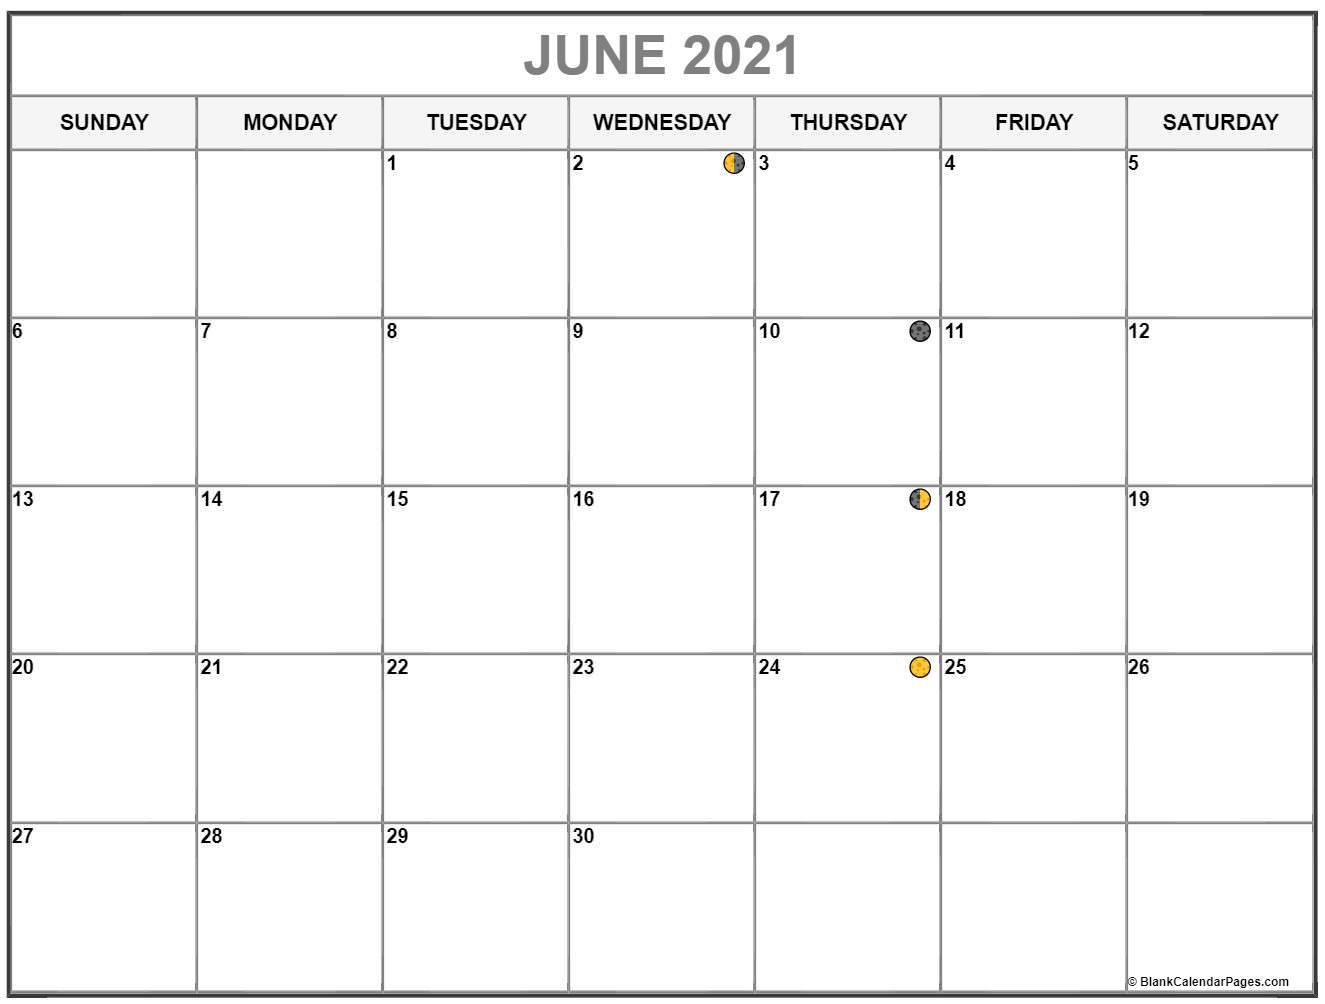 download june 2021 pdf calendar